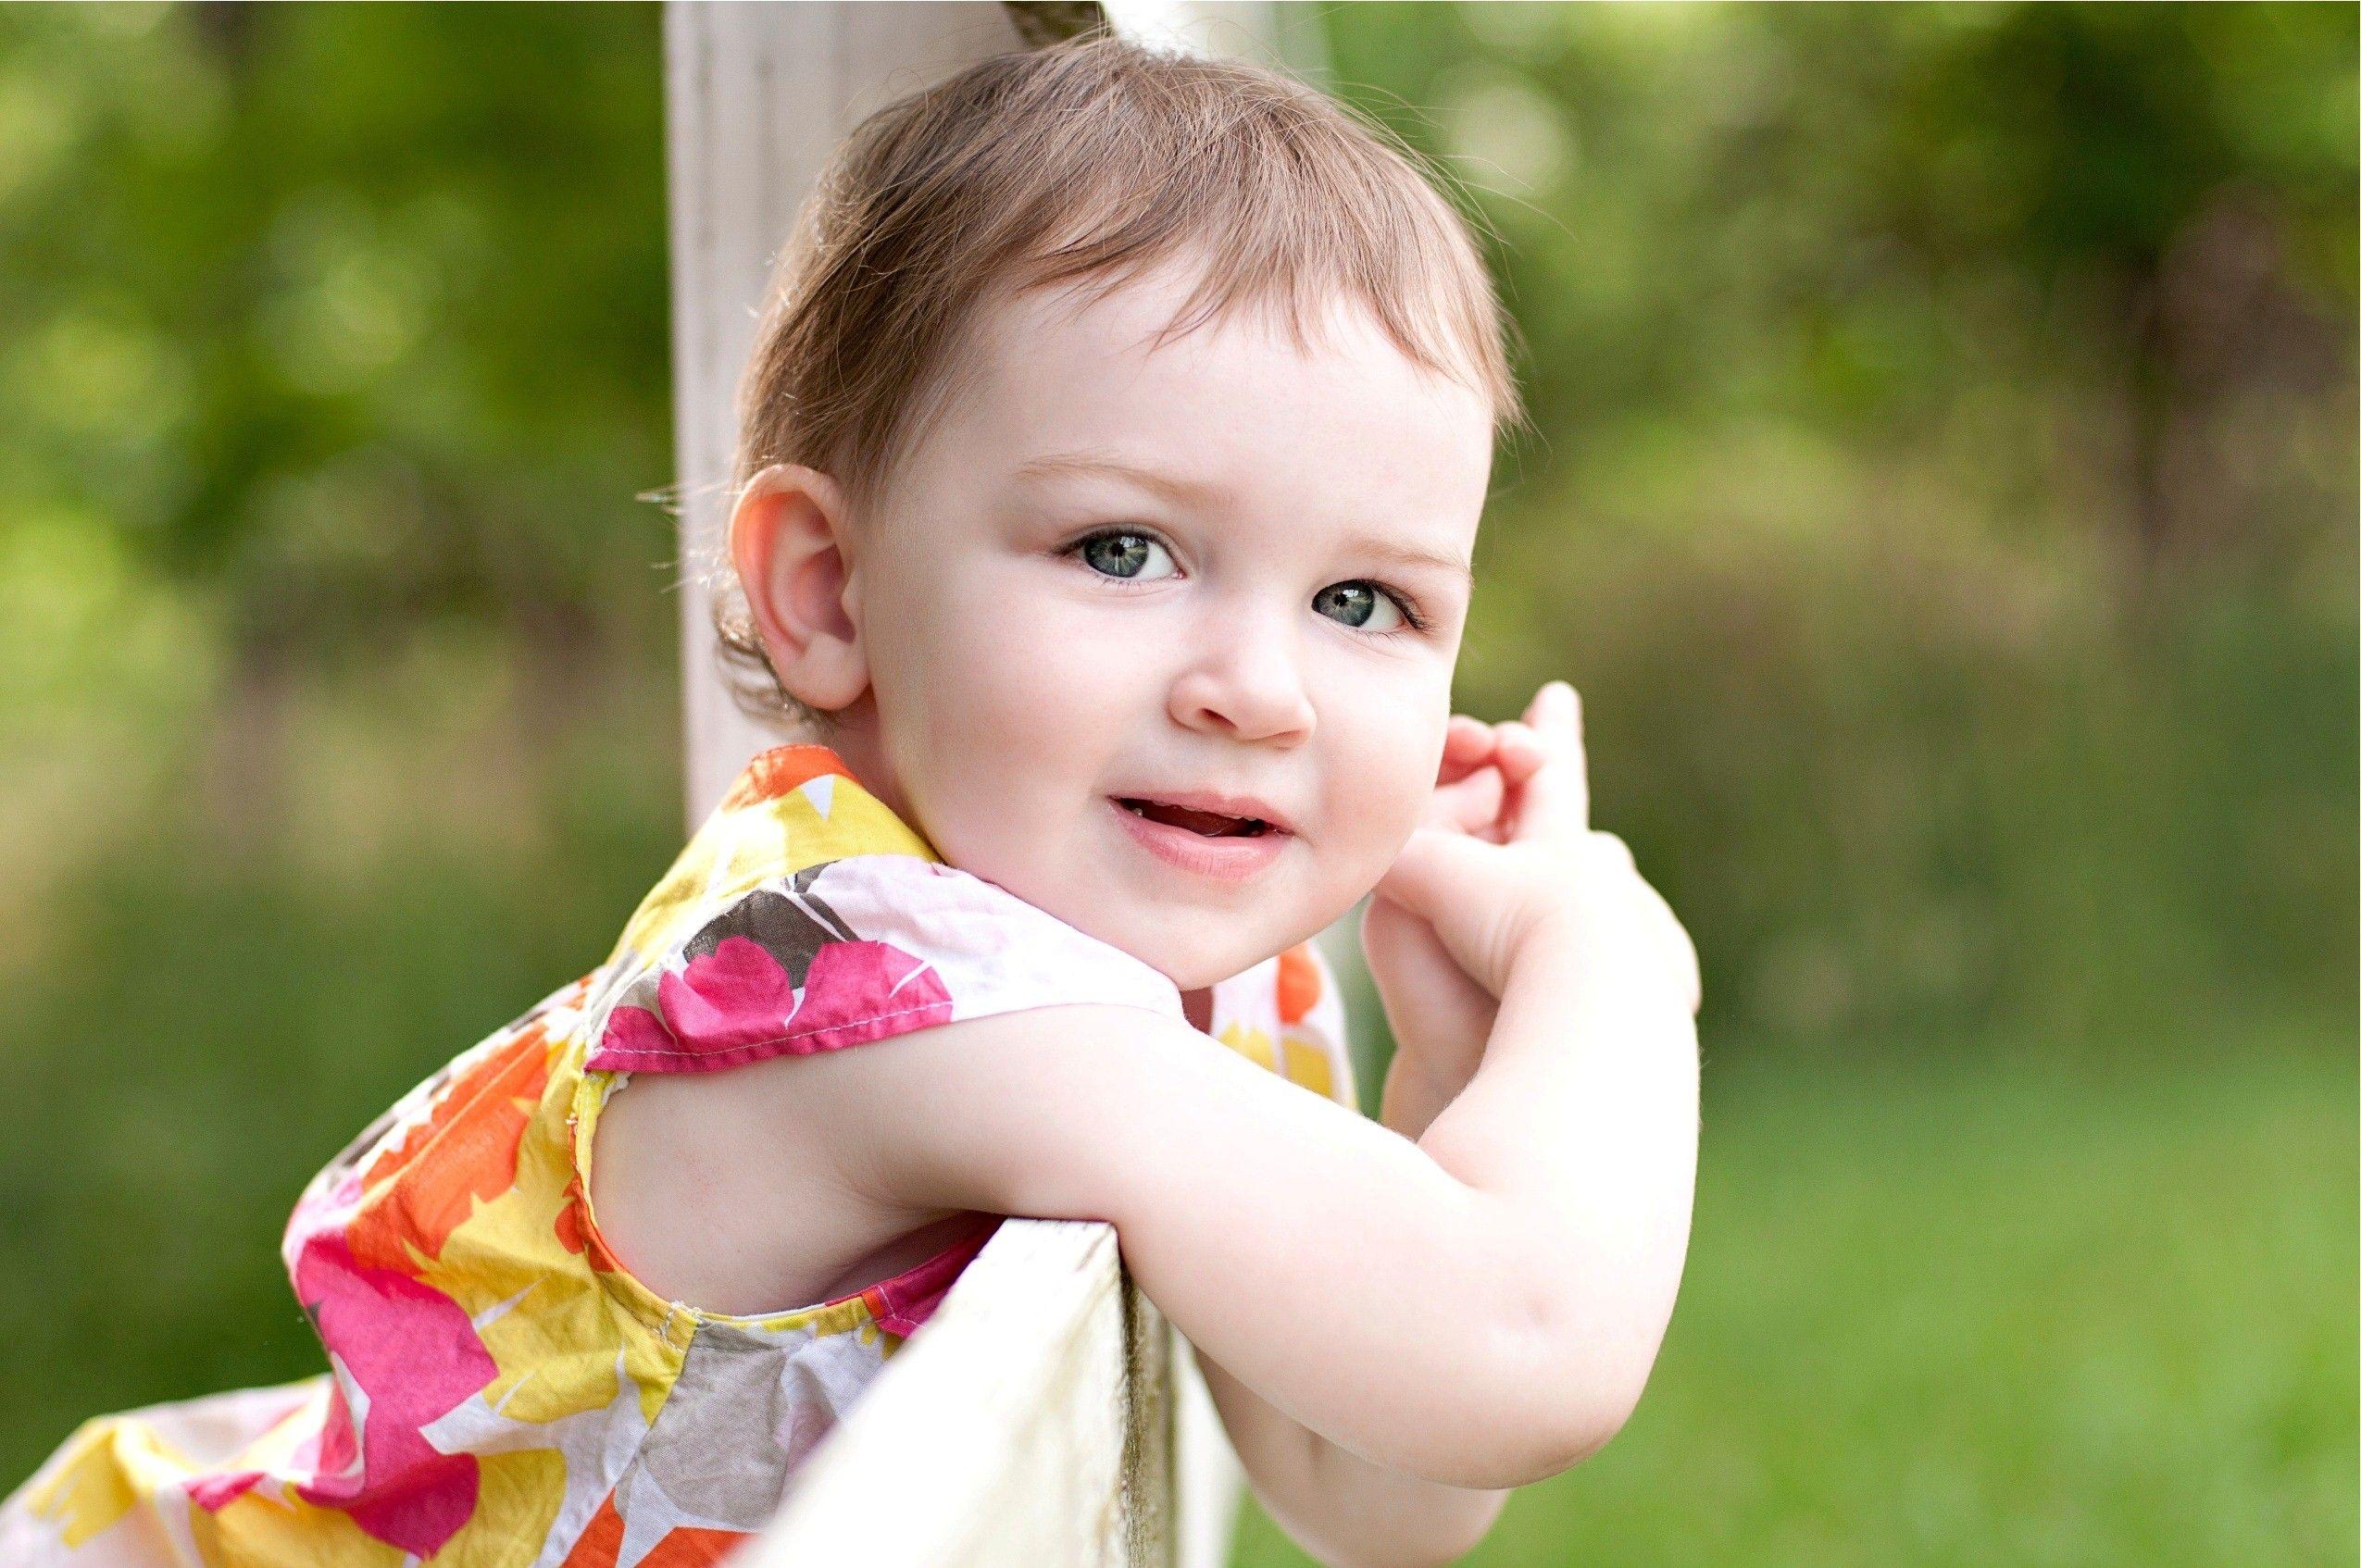 Wallpaper download baby girl - Babies